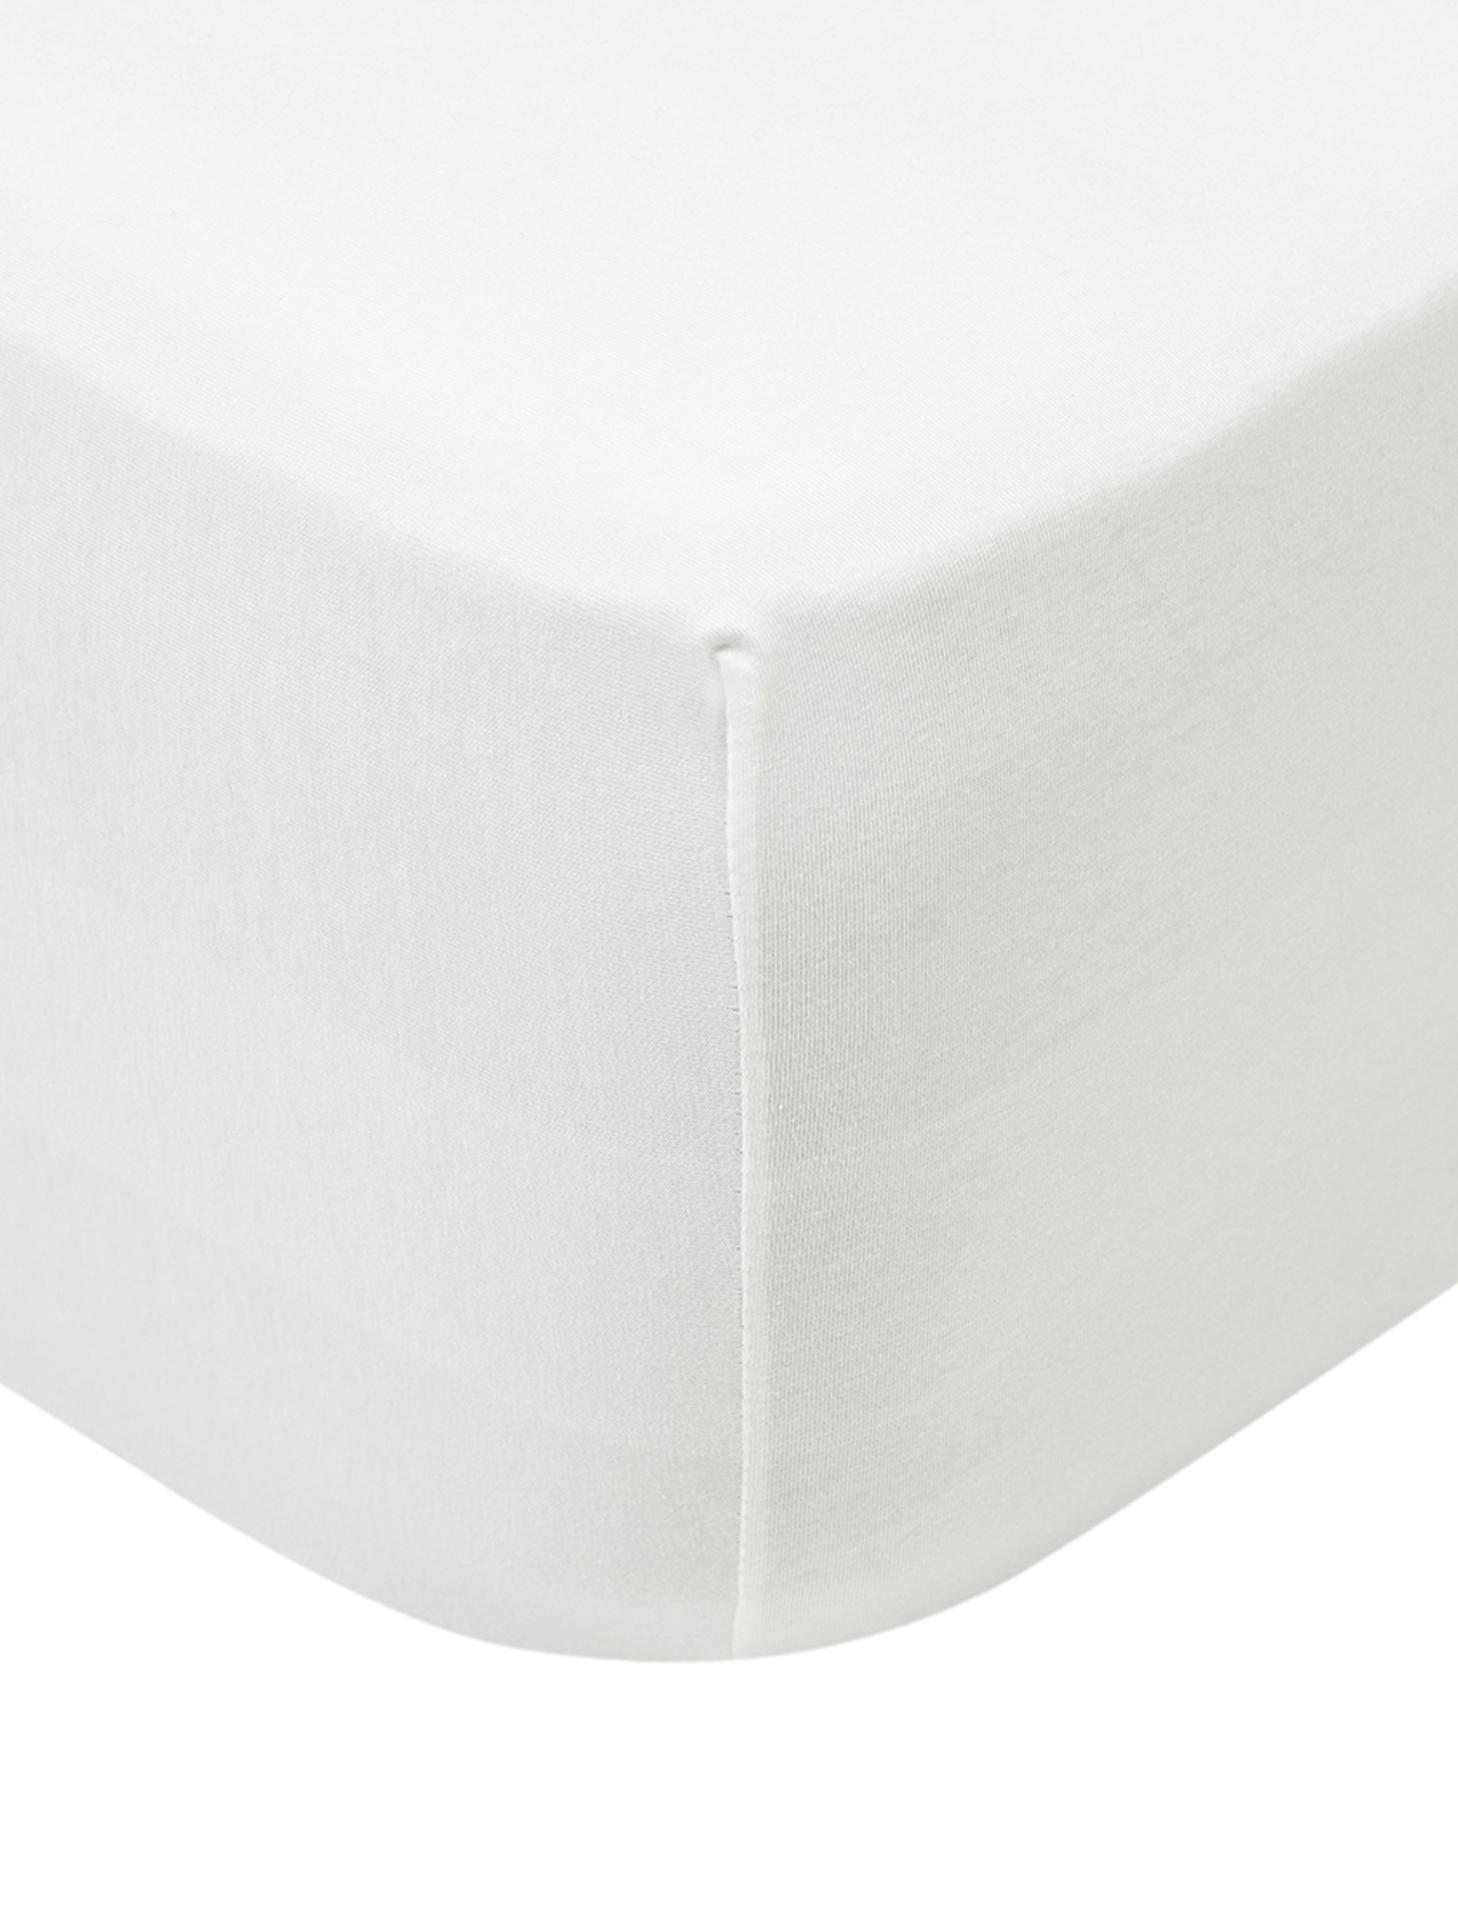 Sábana bajera para cubrecolchón de jersey con elastano Lara, 95%algodón, 5%elastano, Crema, Cama 180 cm (180 x 200 cm)